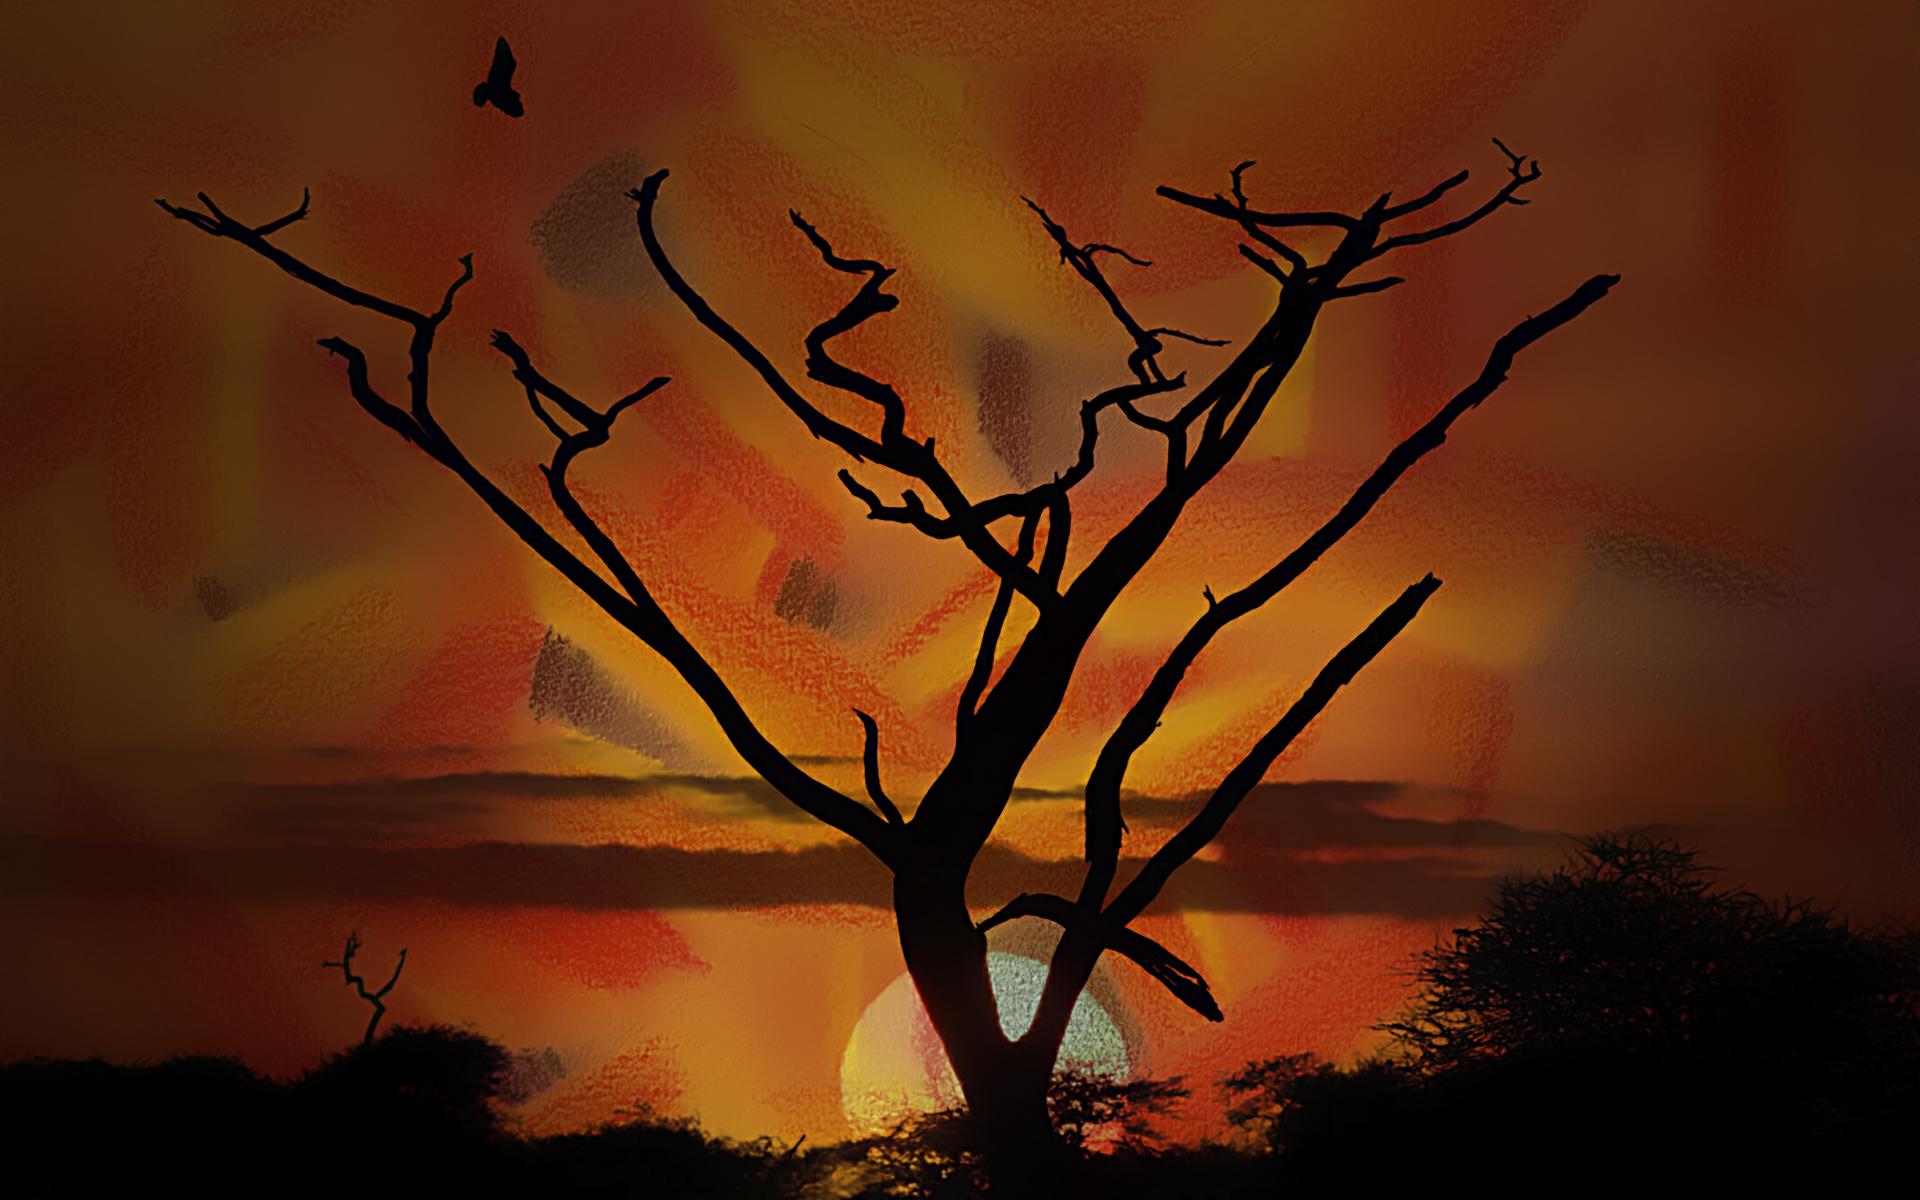 onetree by nucu